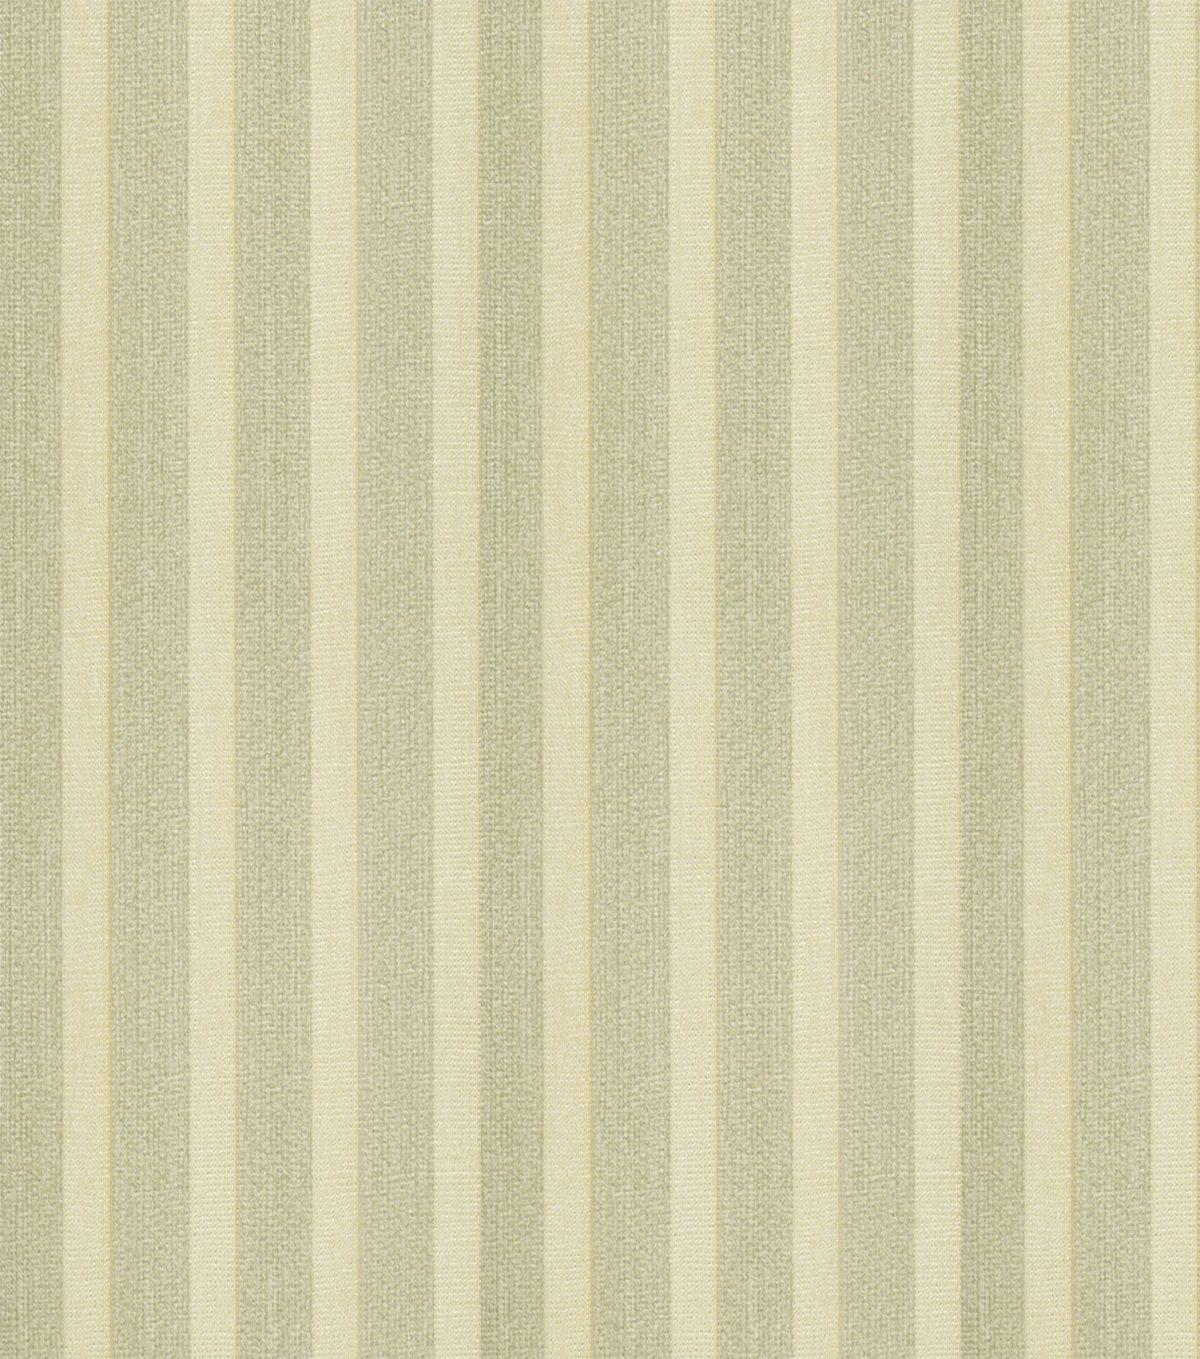 Papel de parede listras  vinilizado Classique